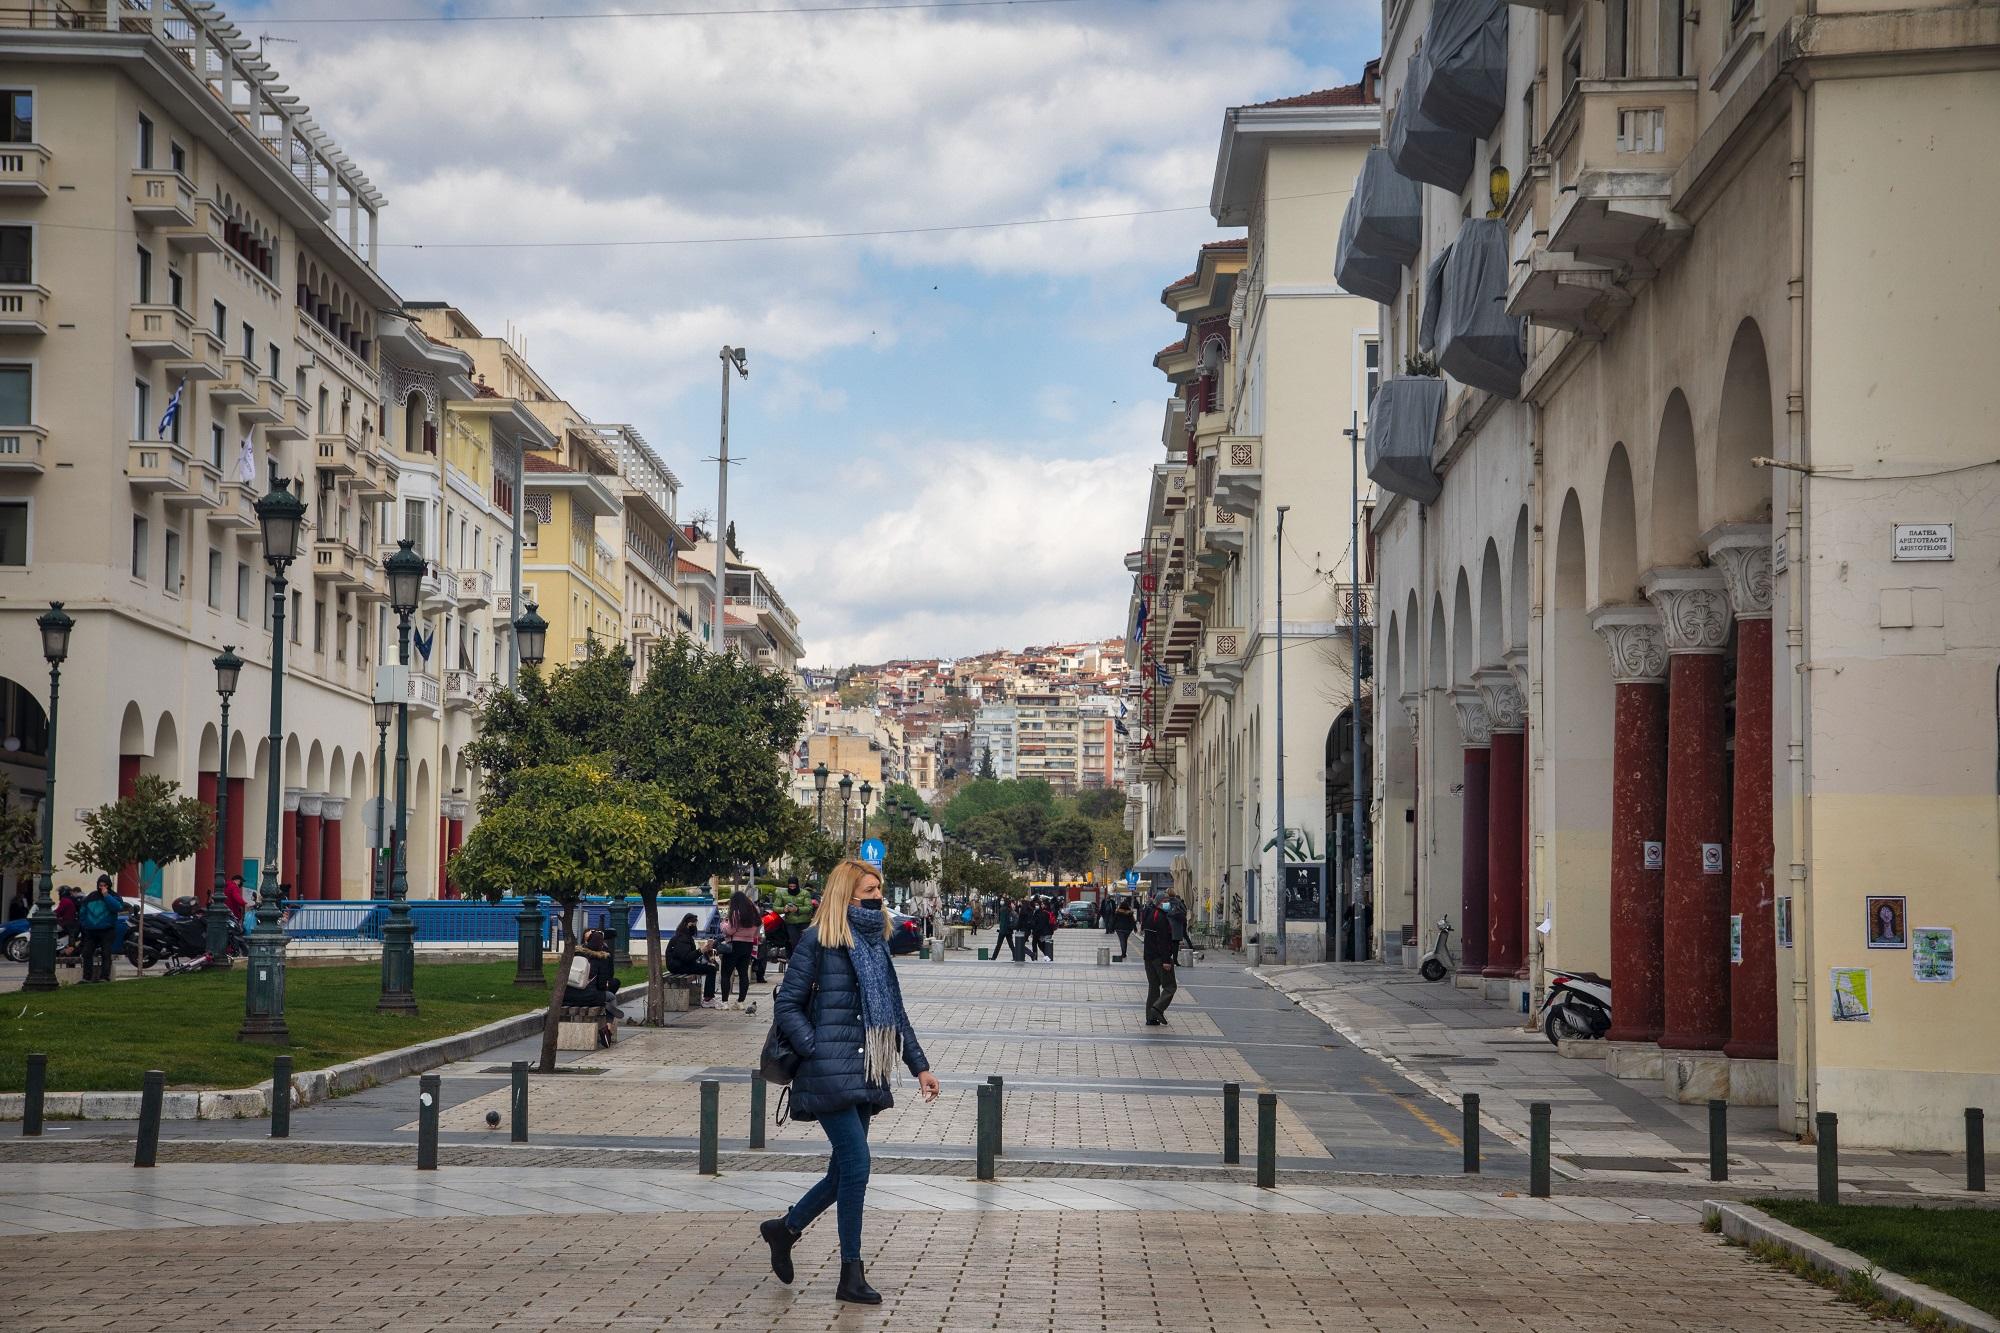 Αυξάνεται η πίεση στα νοσοκομεία της Θεσσαλονίκης – Συνωστισμοί σε πλατείες από κορονοπάρτι (video)